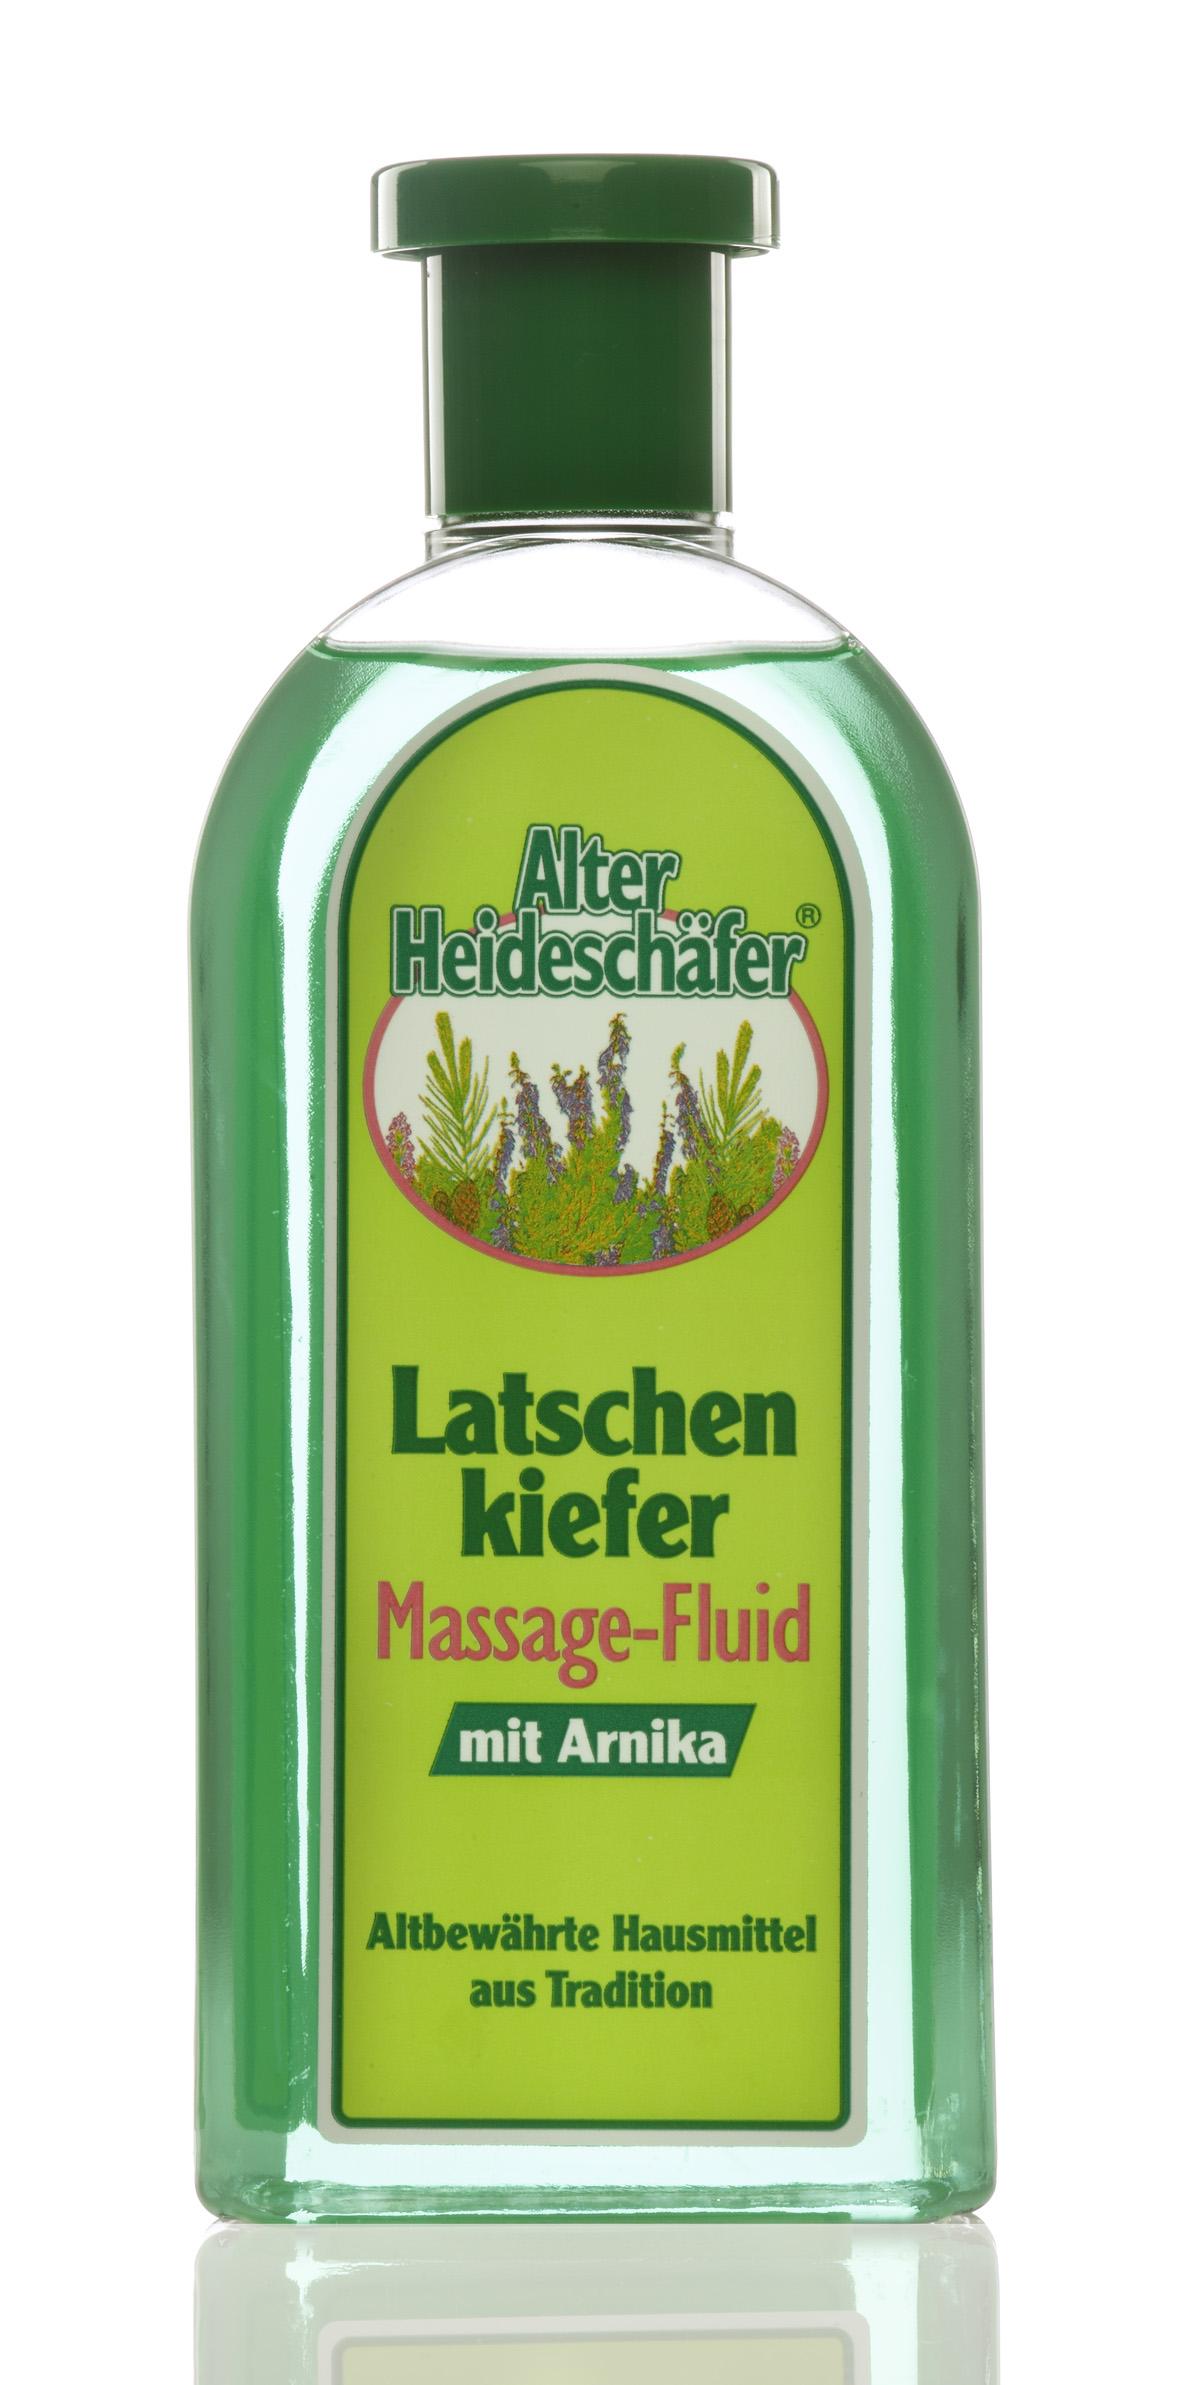 Alter Heideschäfer Latschenkiefer-, Massage-Fluid mit Arnika 500 ml